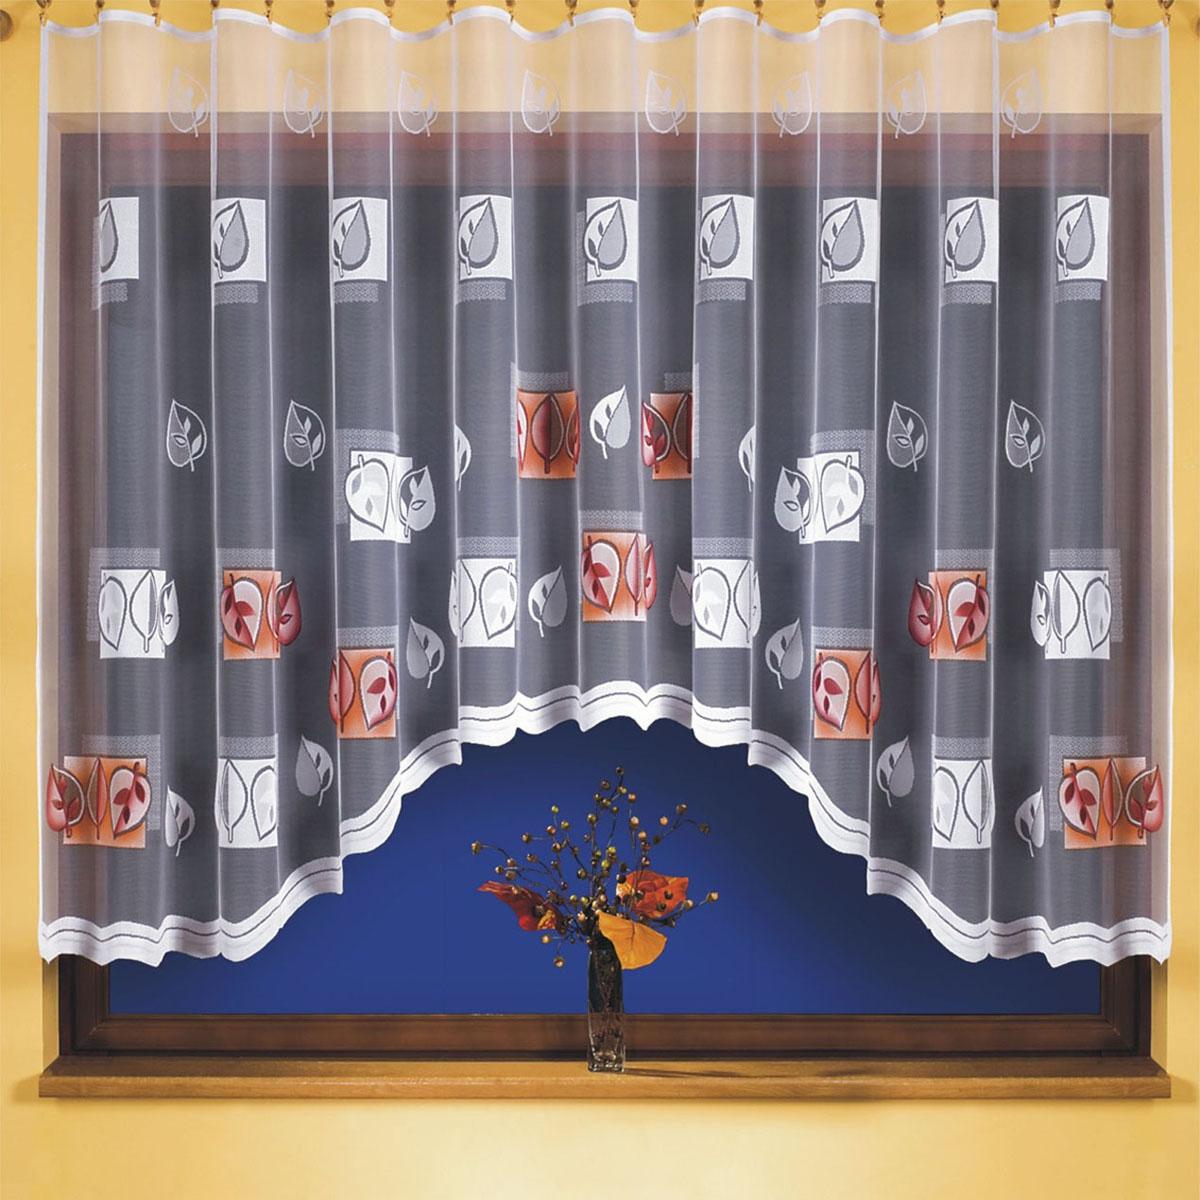 Гардина Wisan, цвет: белый, ширина 300 см, высота 150 см. 93879387вид крепления - под зажимы для штор Размеры: ширина 300*высота 150